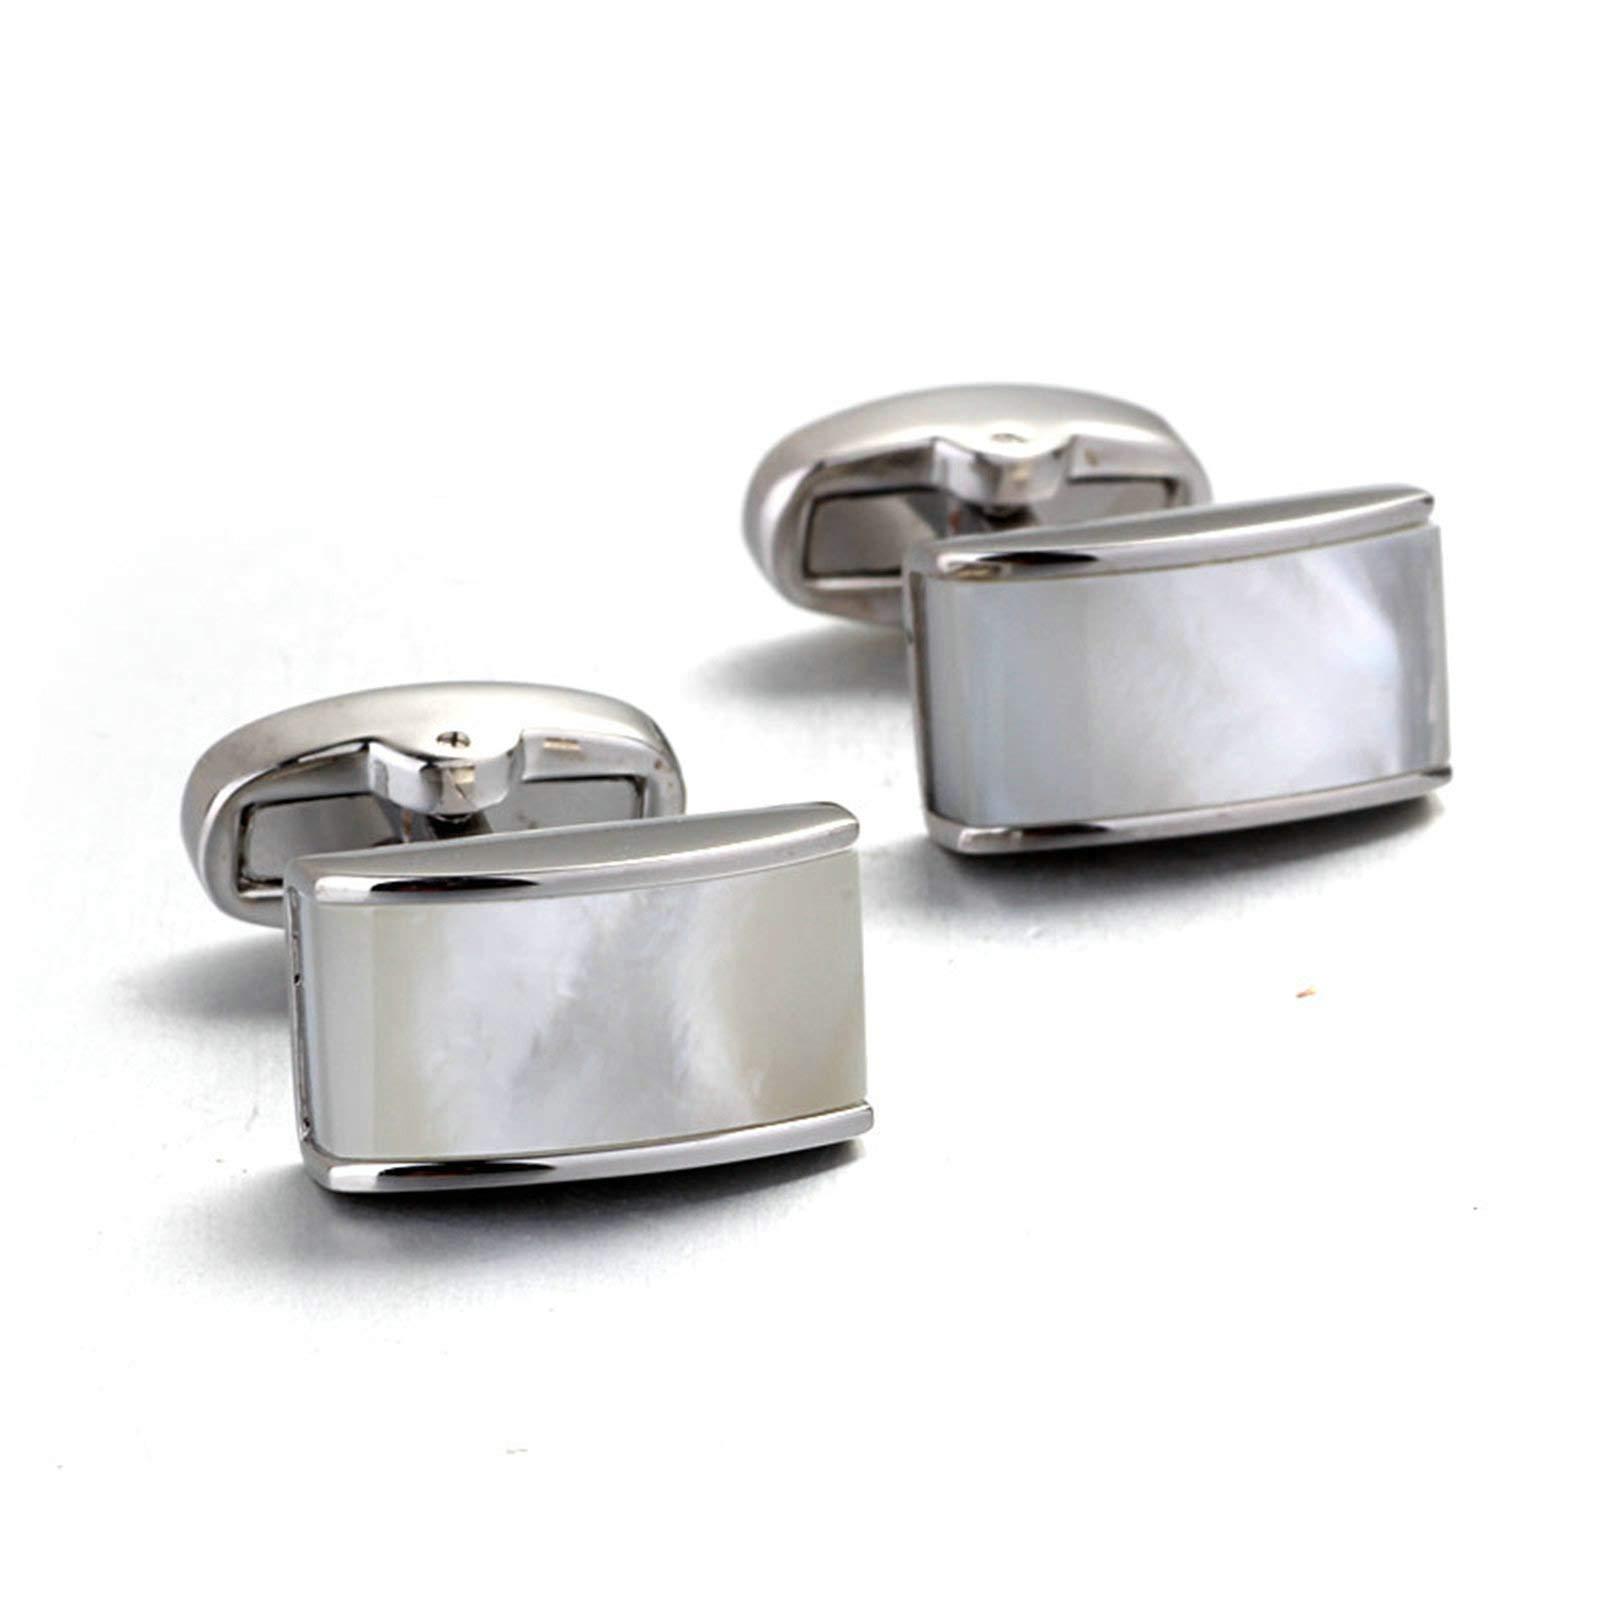 EoCot Shirt Cuff Links Wedding Cufflinks Alloy Silver Rectangle Business Wedding Cufflinks Gift Present